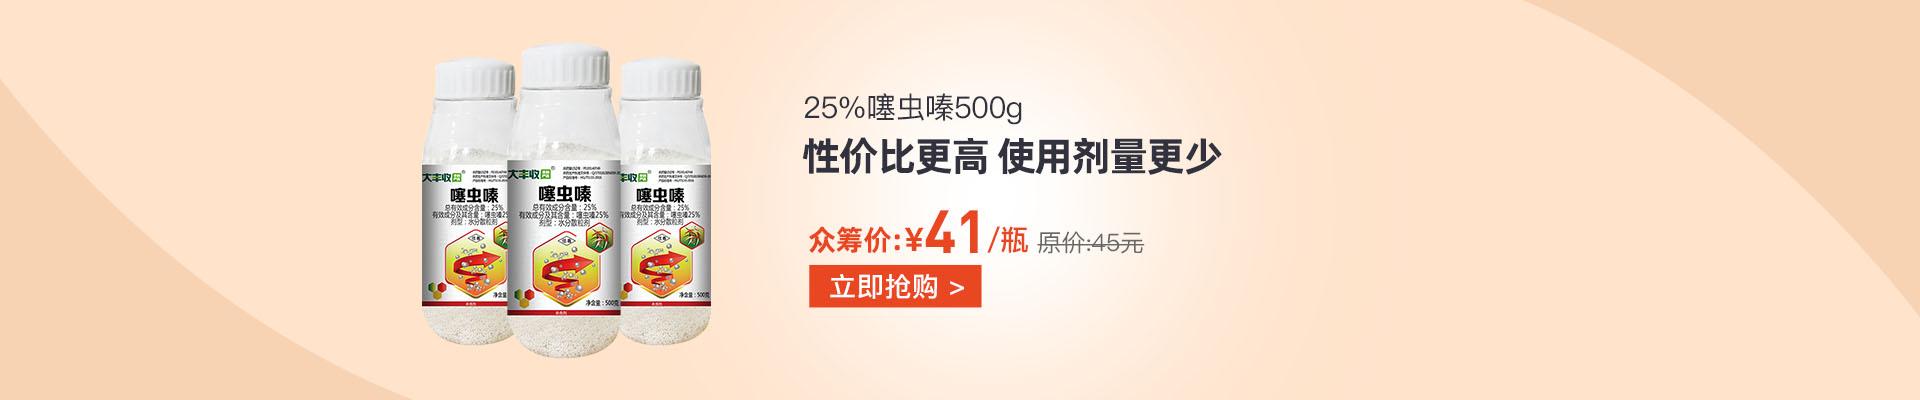 【10月】众筹-25%噻虫嗪